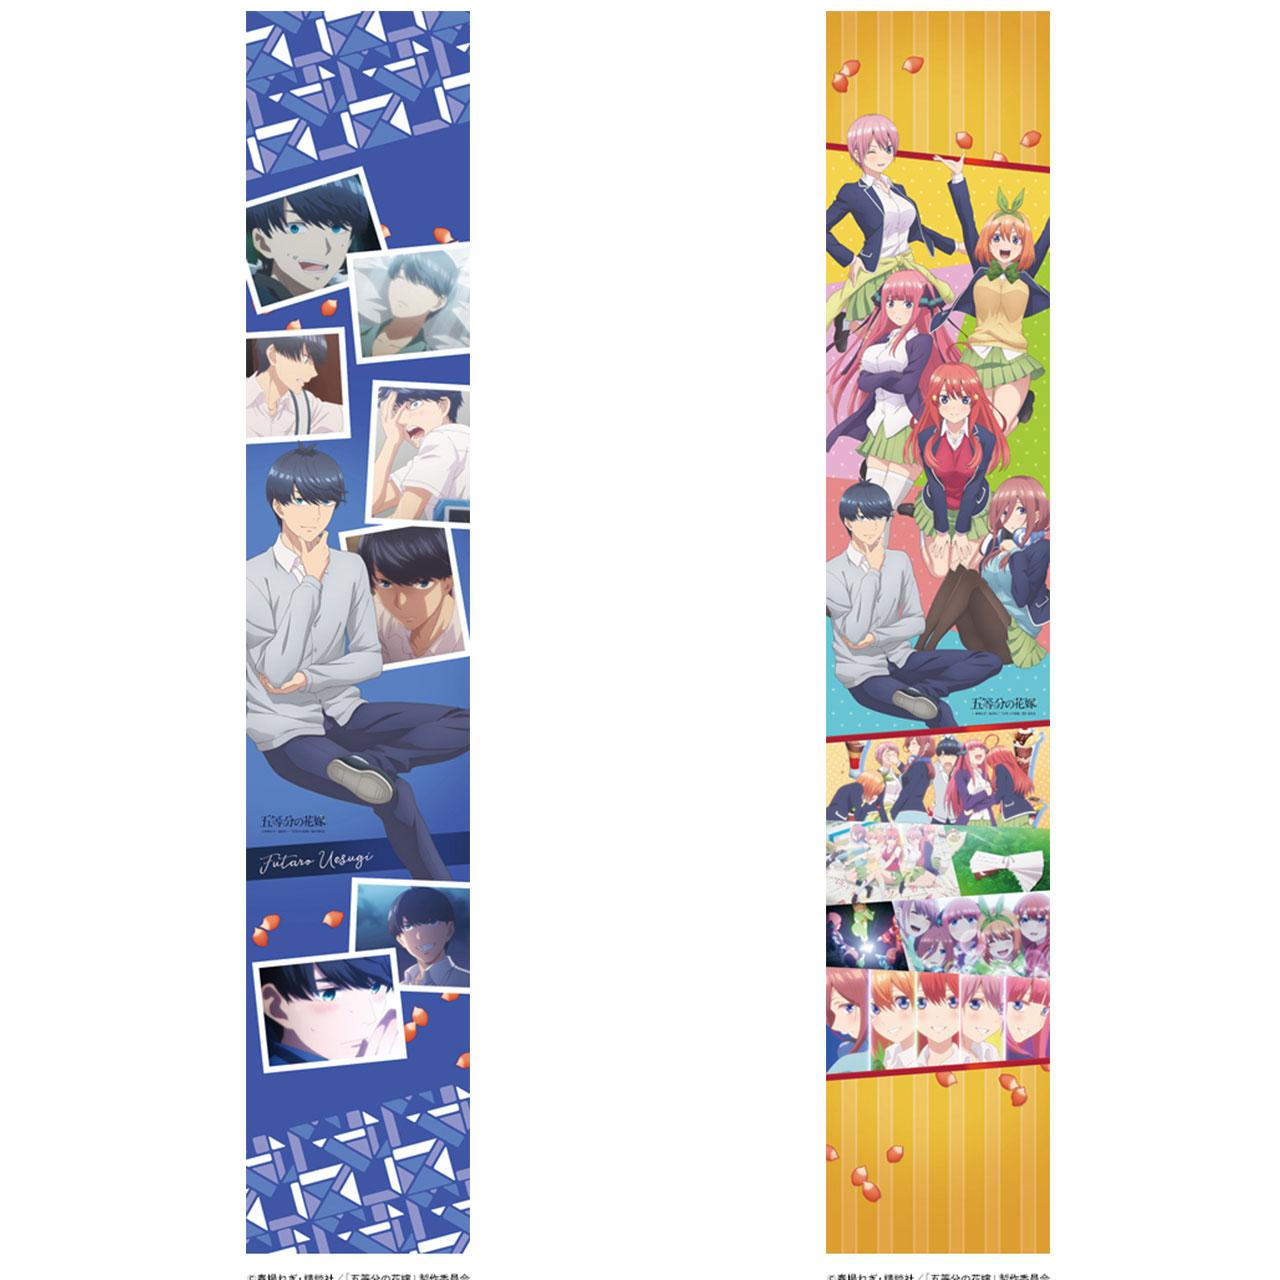 きゃらりえ WallPaper45cm 上杉風太郎 メインキャラカット集